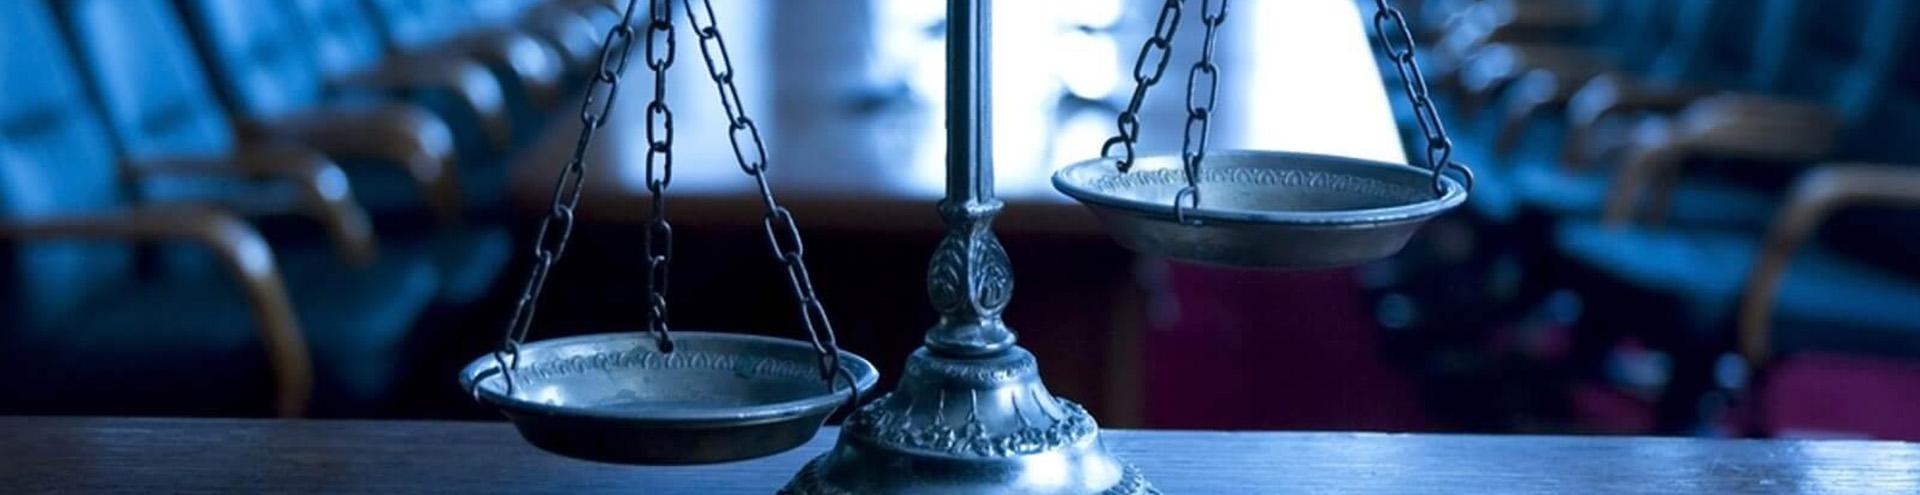 юридические услуги в Рязани